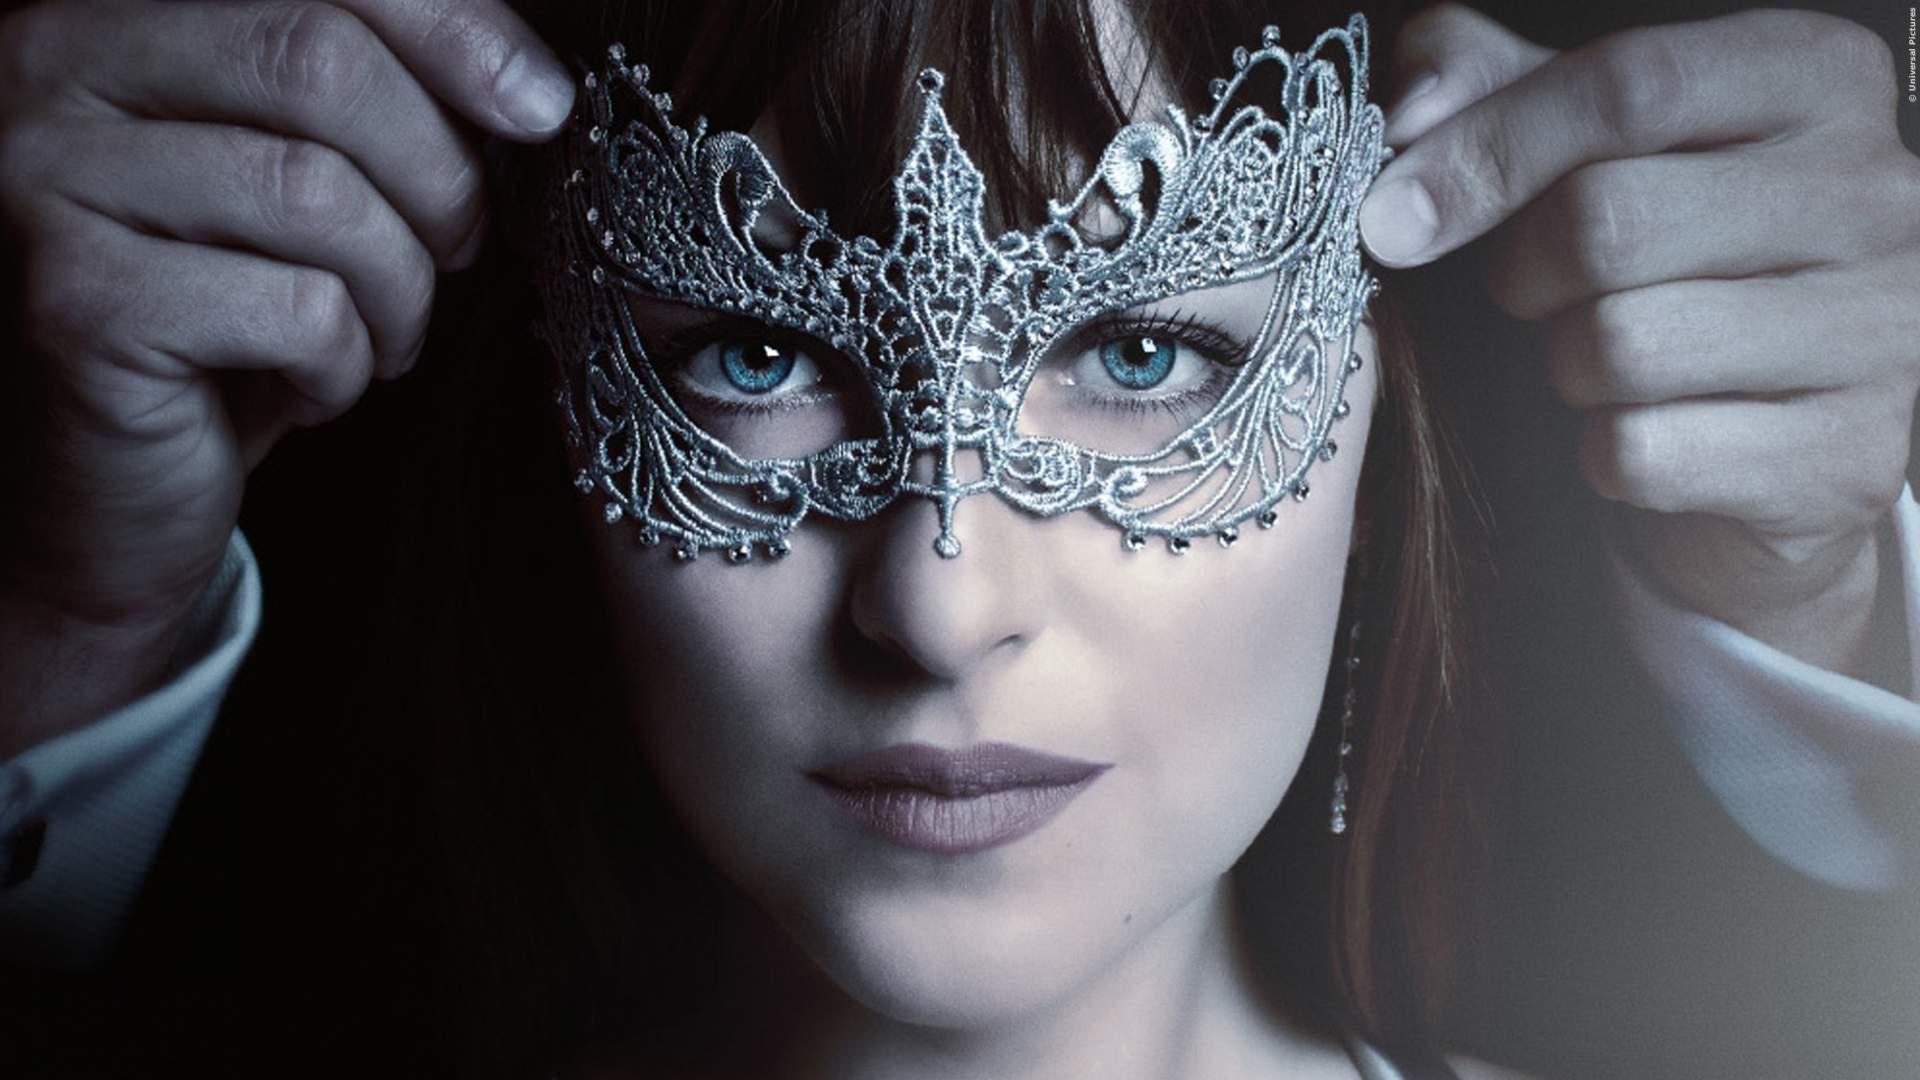 Fifty Shades Of Grey 2 Soundtrack: Die Musik zum Film - Bild 1 von 5